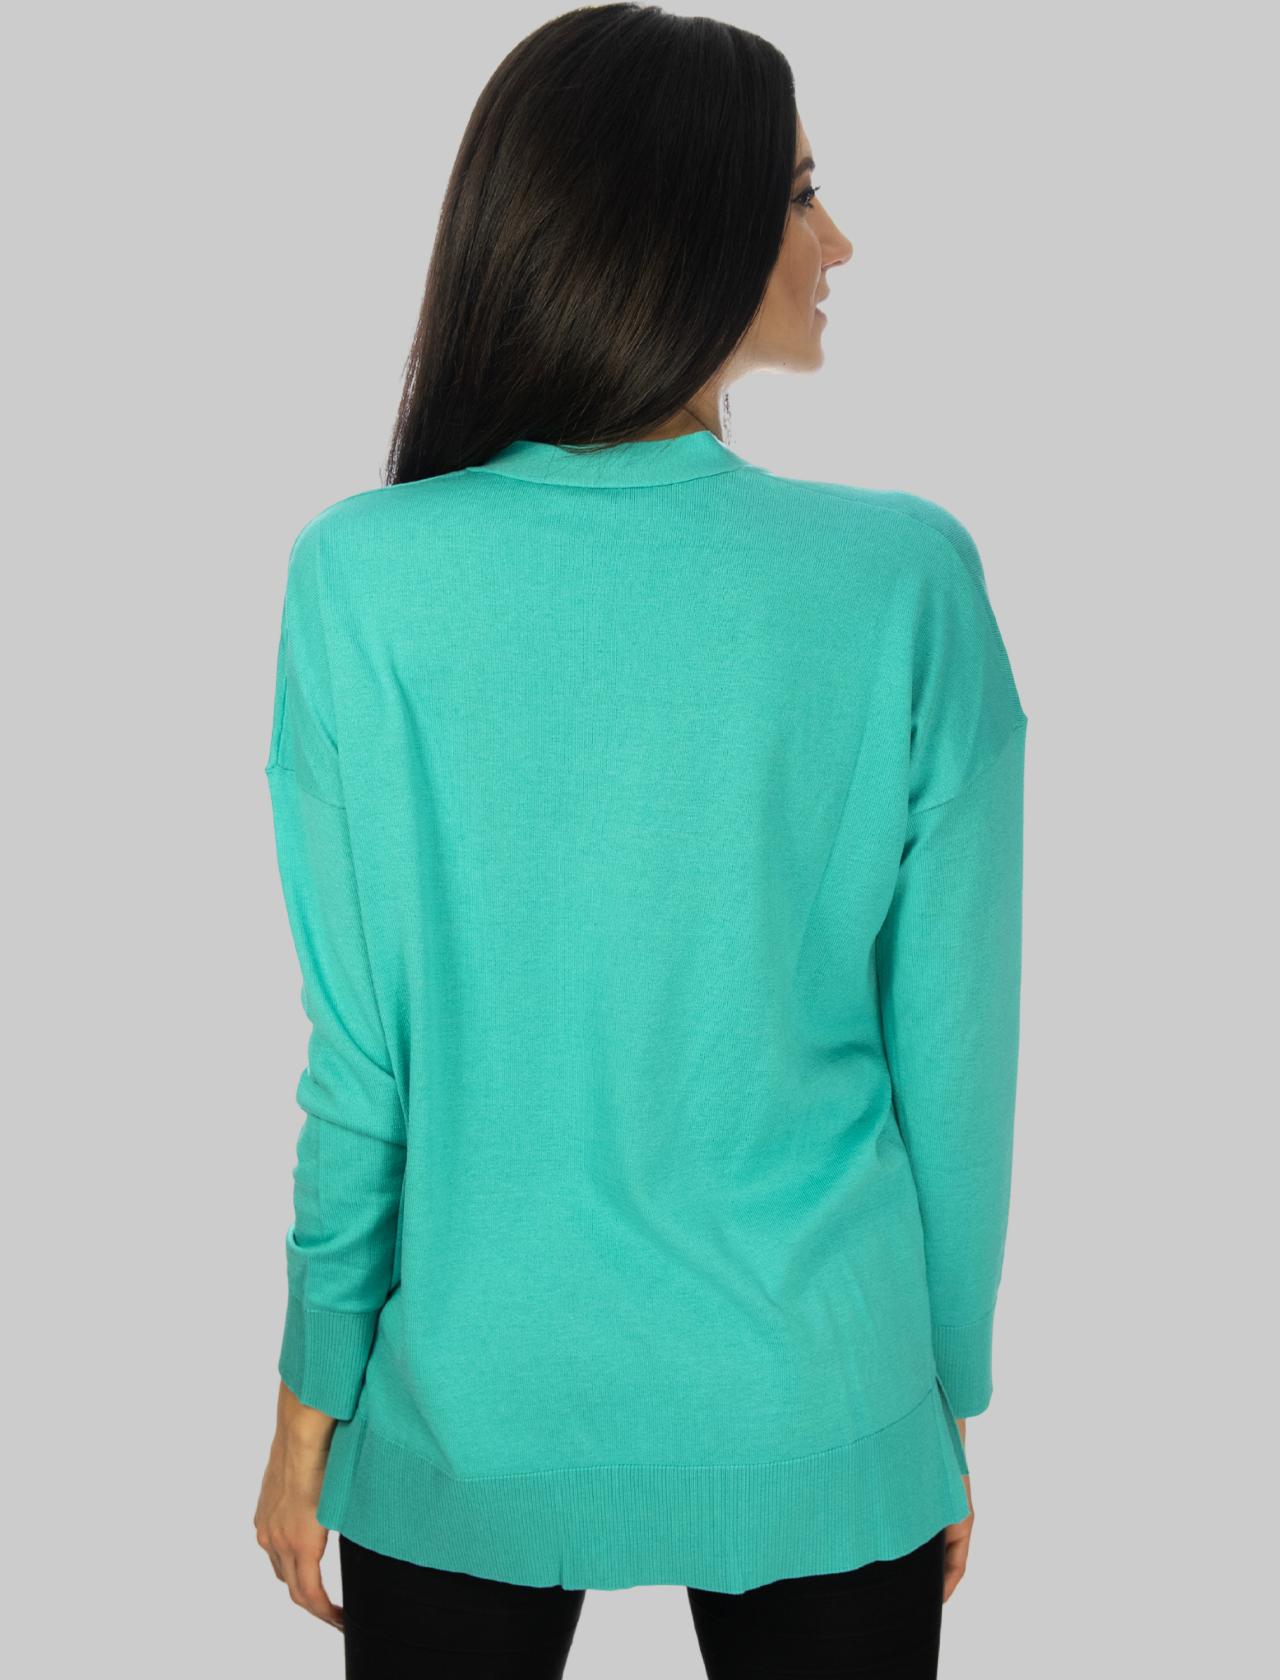 Abbigliamento Donna Cardigan Colours of the World in Seta e Cotone con Scollo a V Turchese Maliparmi | Maglieria | JN34807807482012